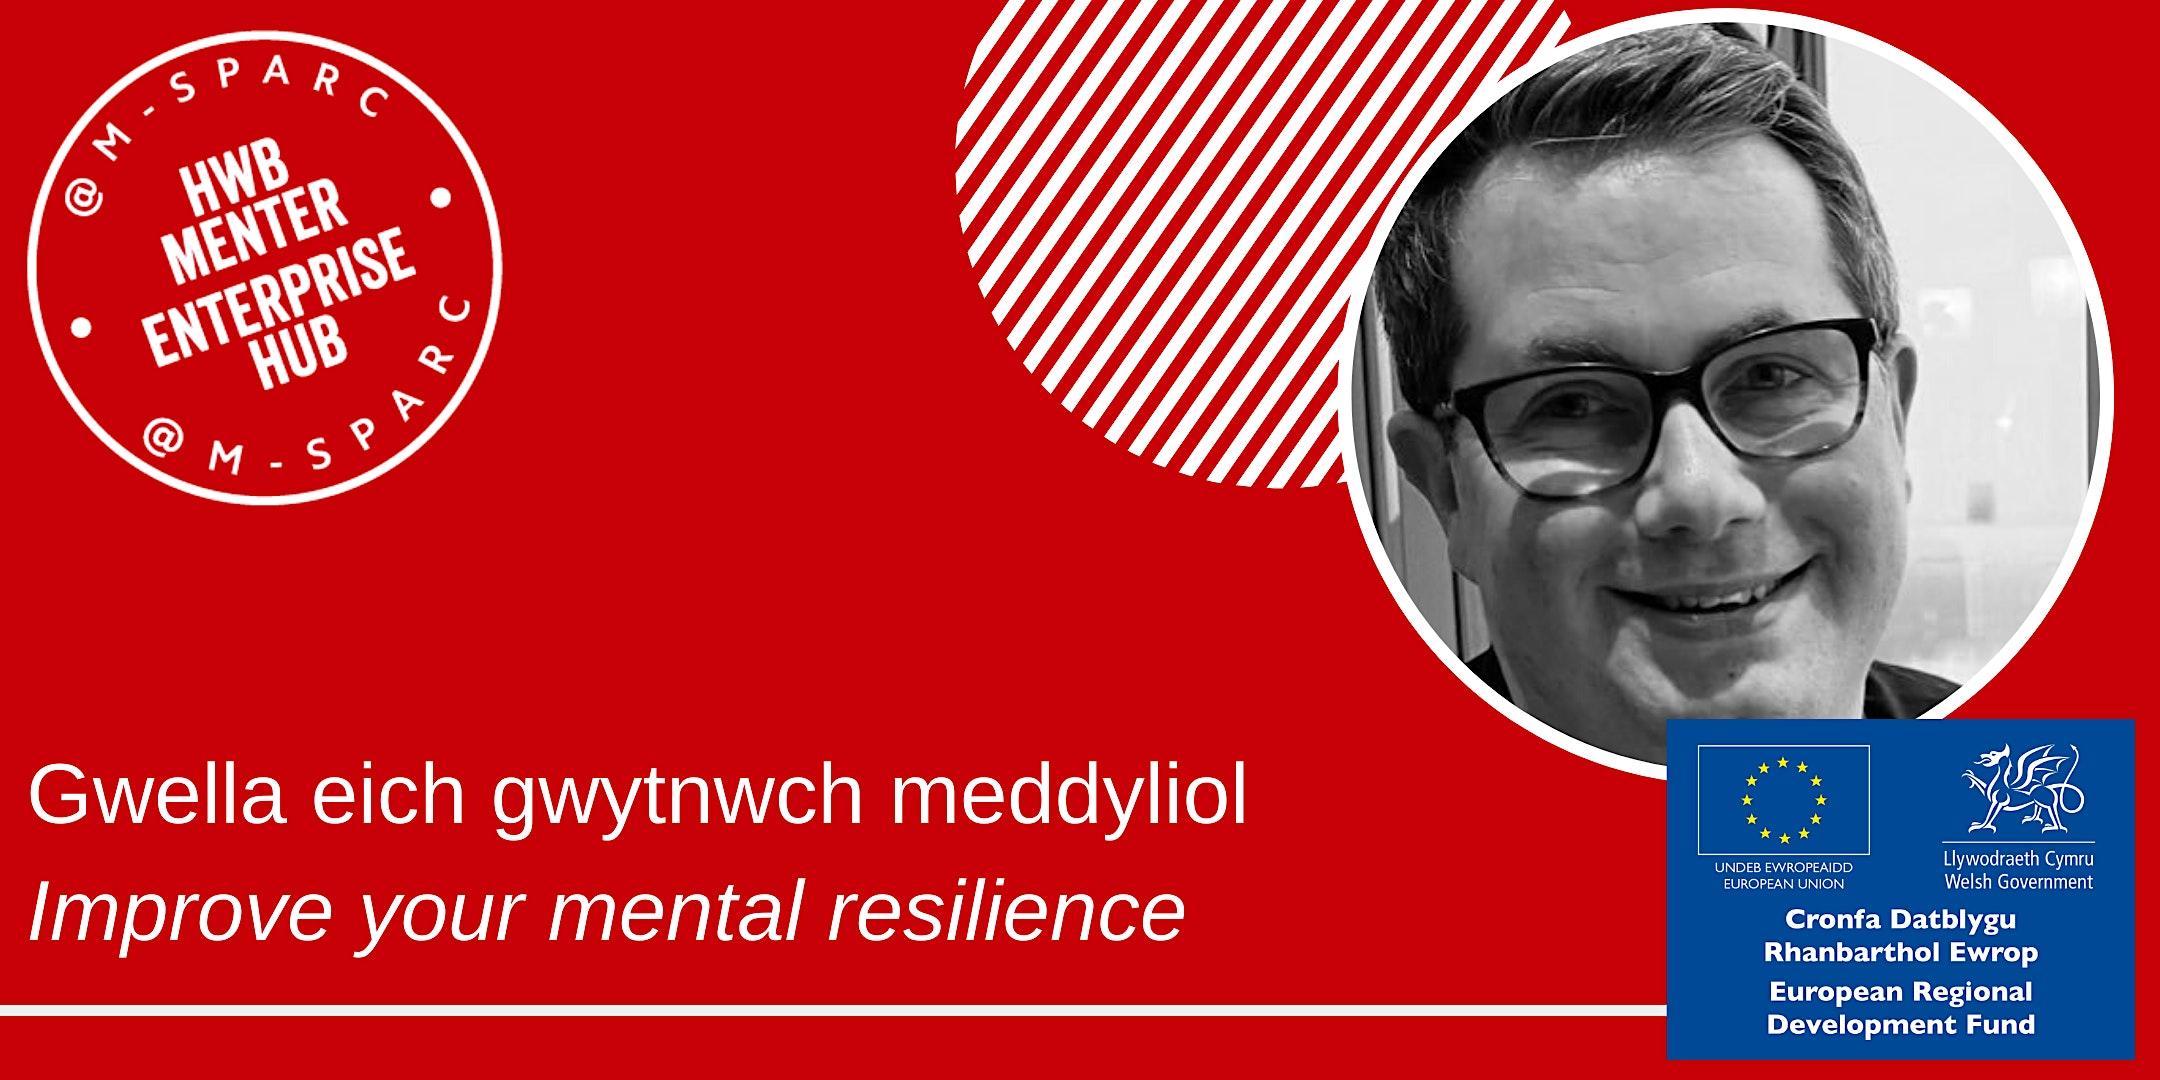 Covid-19:   Gwella eich gwytnwch meddyliol / Improve your mental resilience